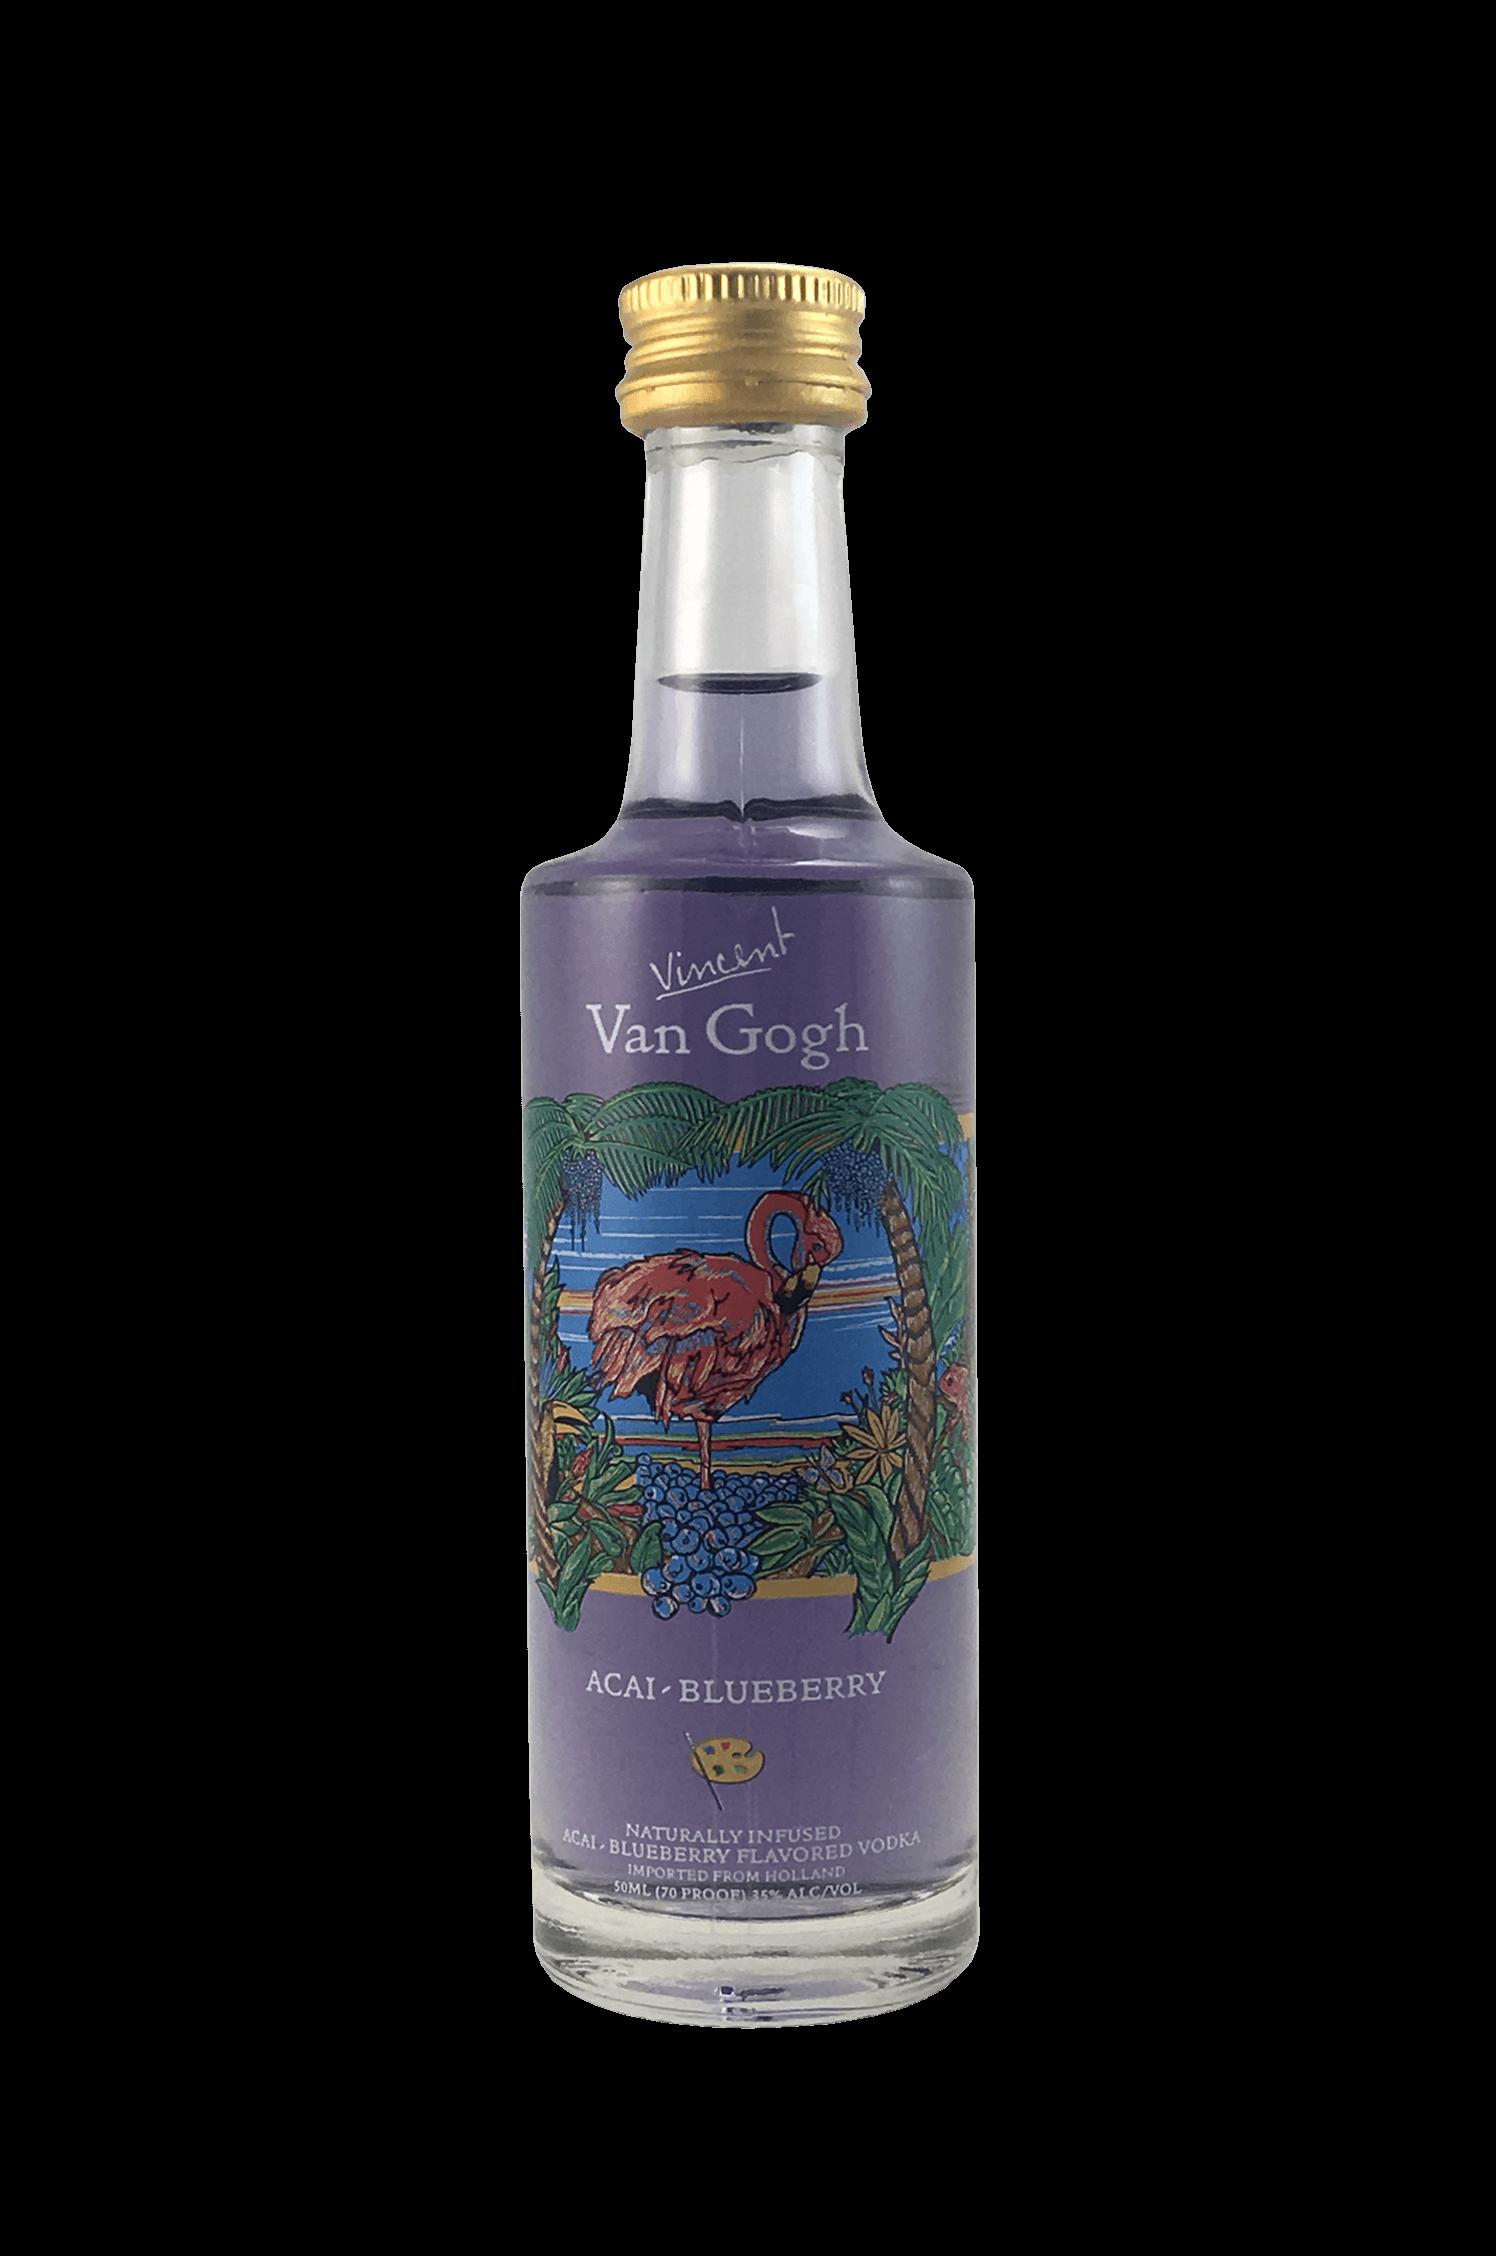 Van Gogh – Acai Blueberry